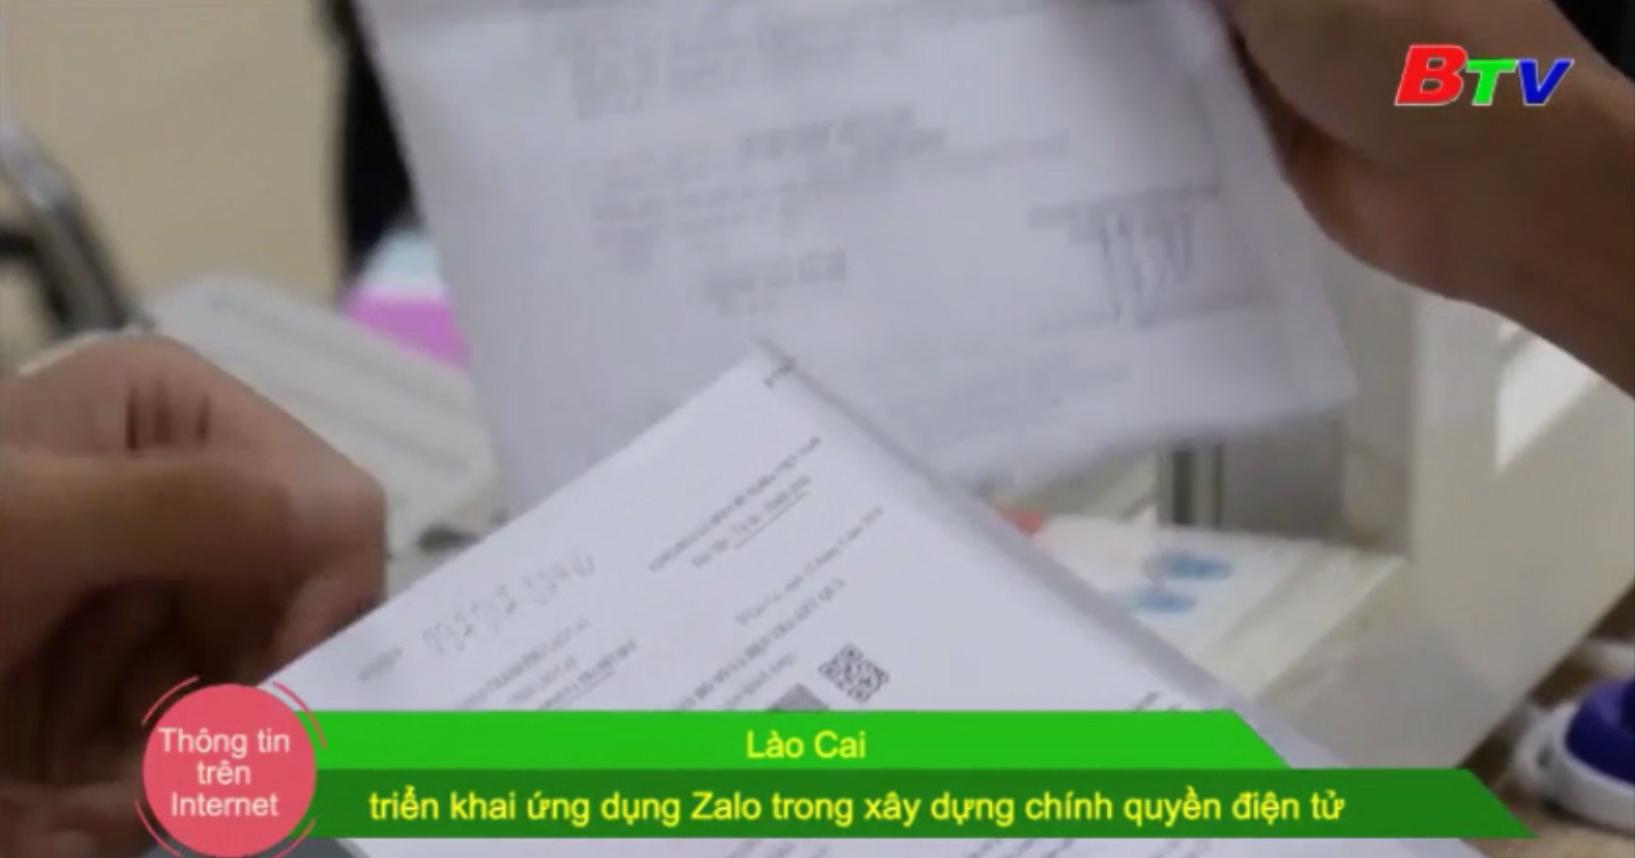 Lào Cai triển khai ứng dụng Zalo trong xây dựng chính quyền điện tử